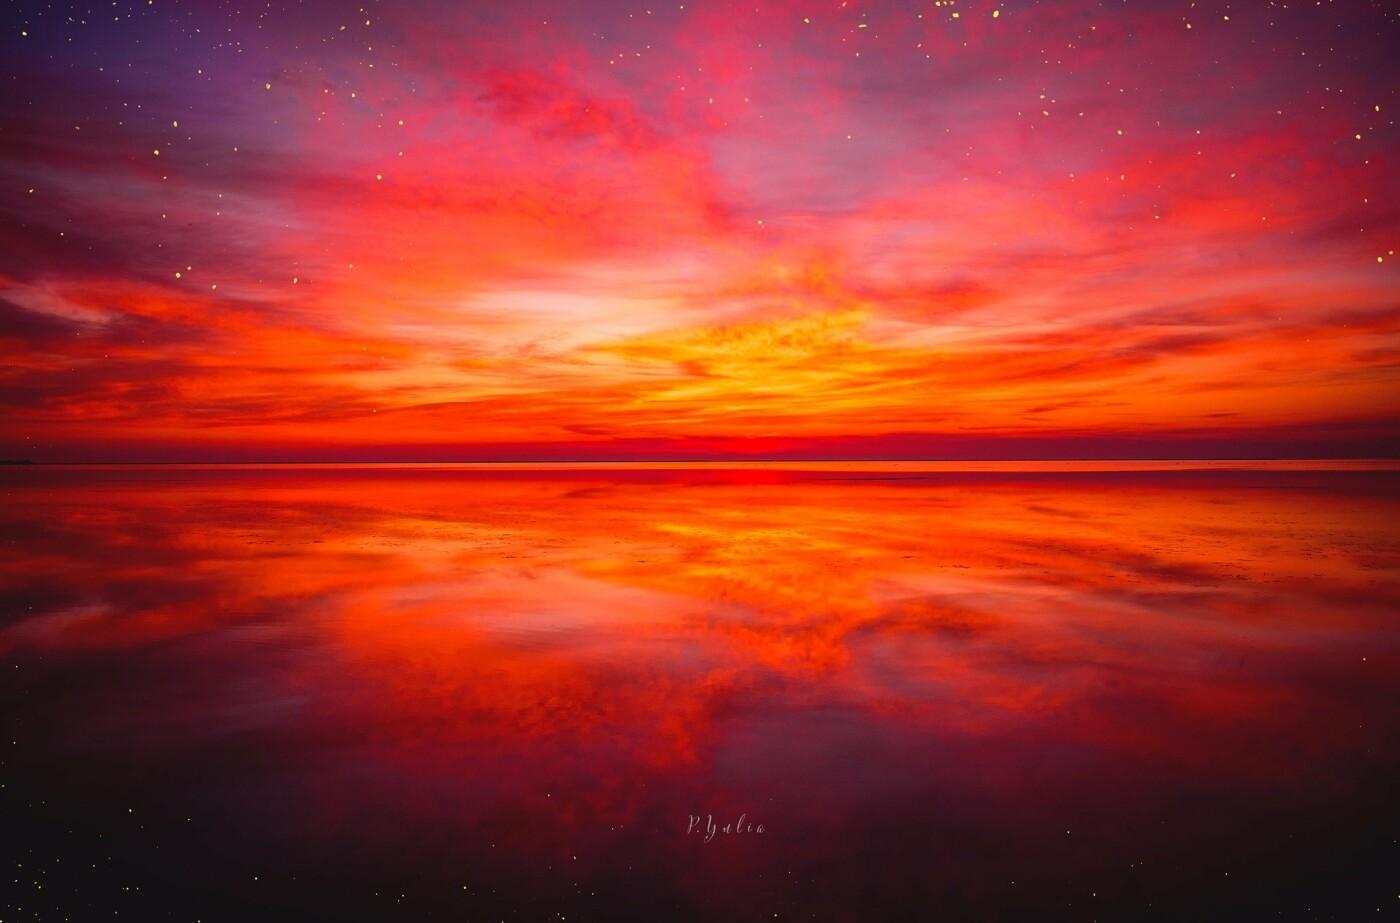 Мудрость от 06153: где красивые закаты, там лучший отдых - ВИДЕО, ФОТО, фото-10, Юлия Покас